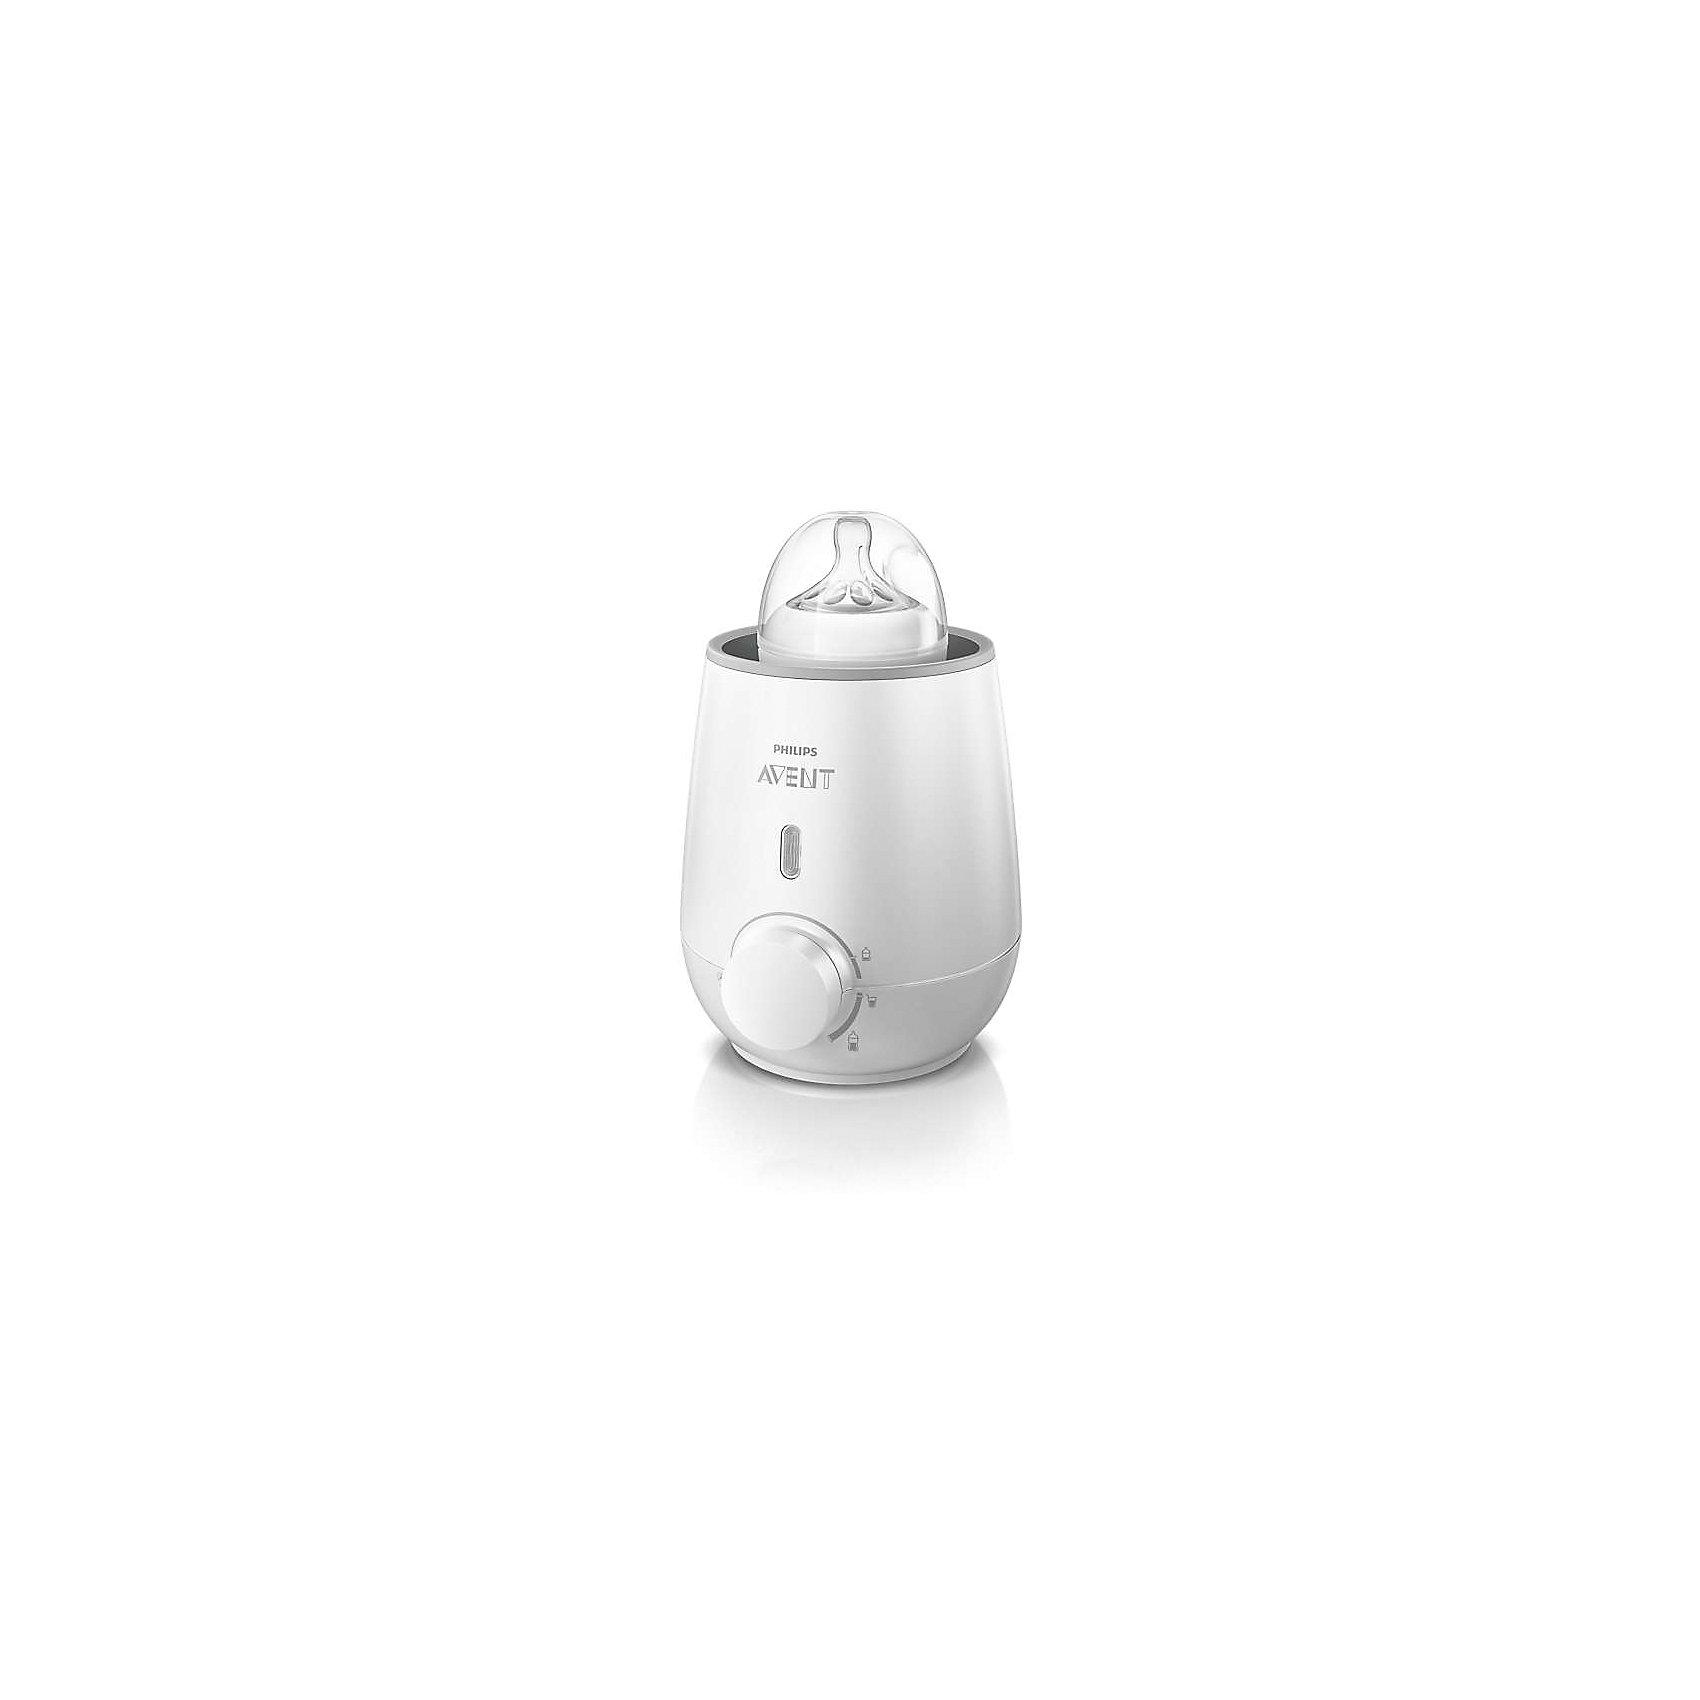 PHILIPS AVENT Электрический подогреватель бутылочек для дет. питания, Philips Avent philips инструкция